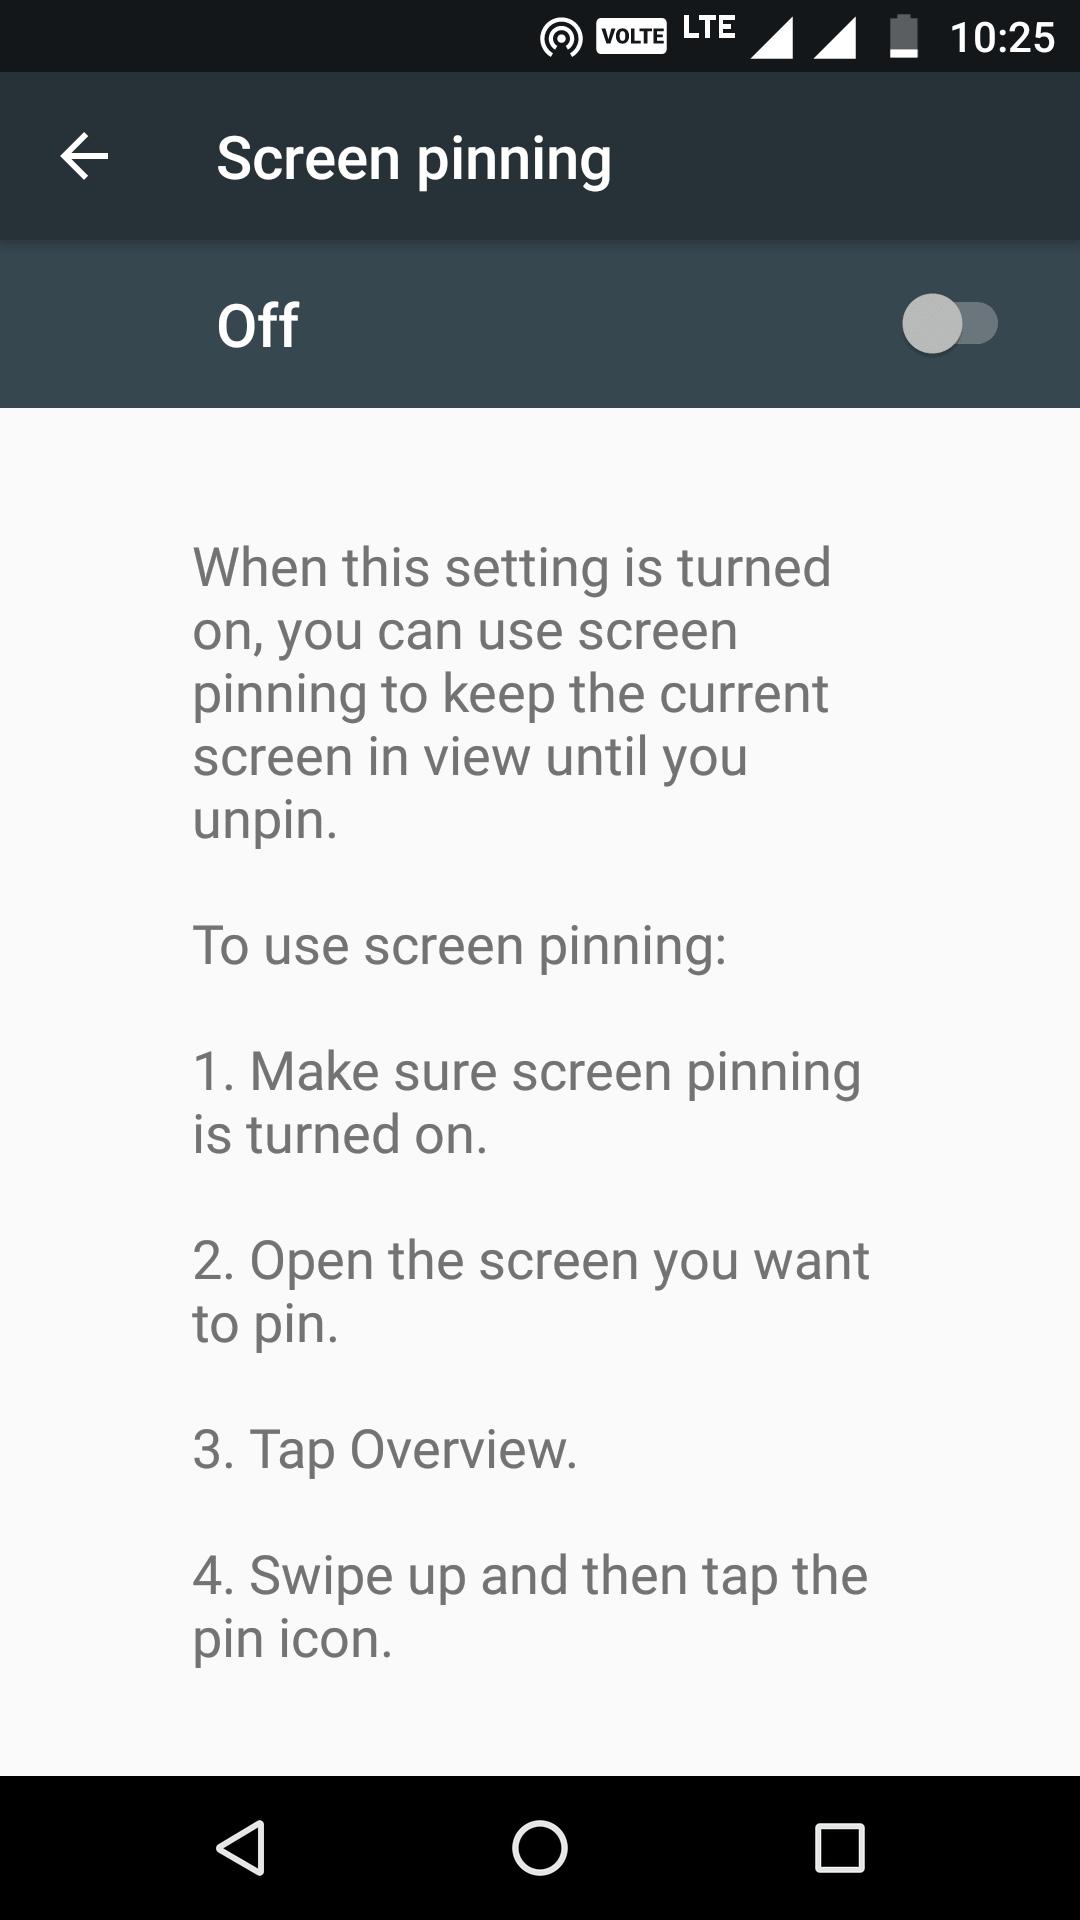 Manage screen pinning